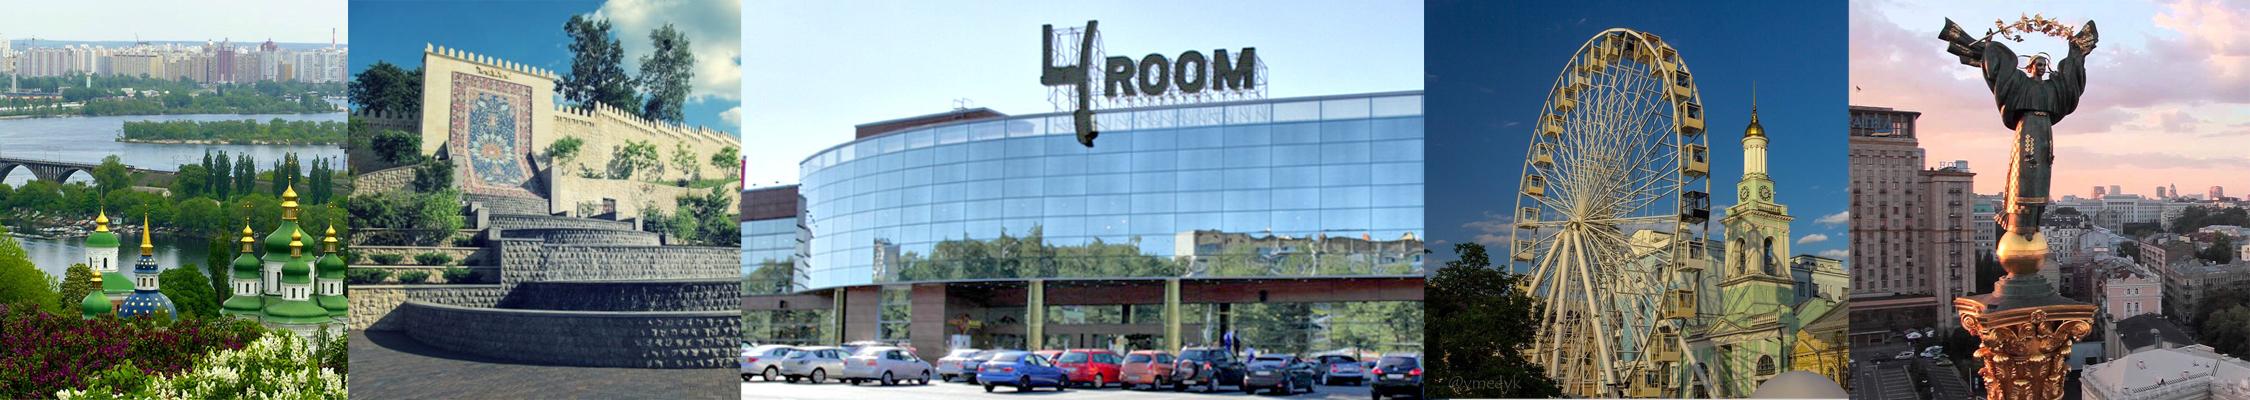 Сеть магазинов ТЦ 4 Room